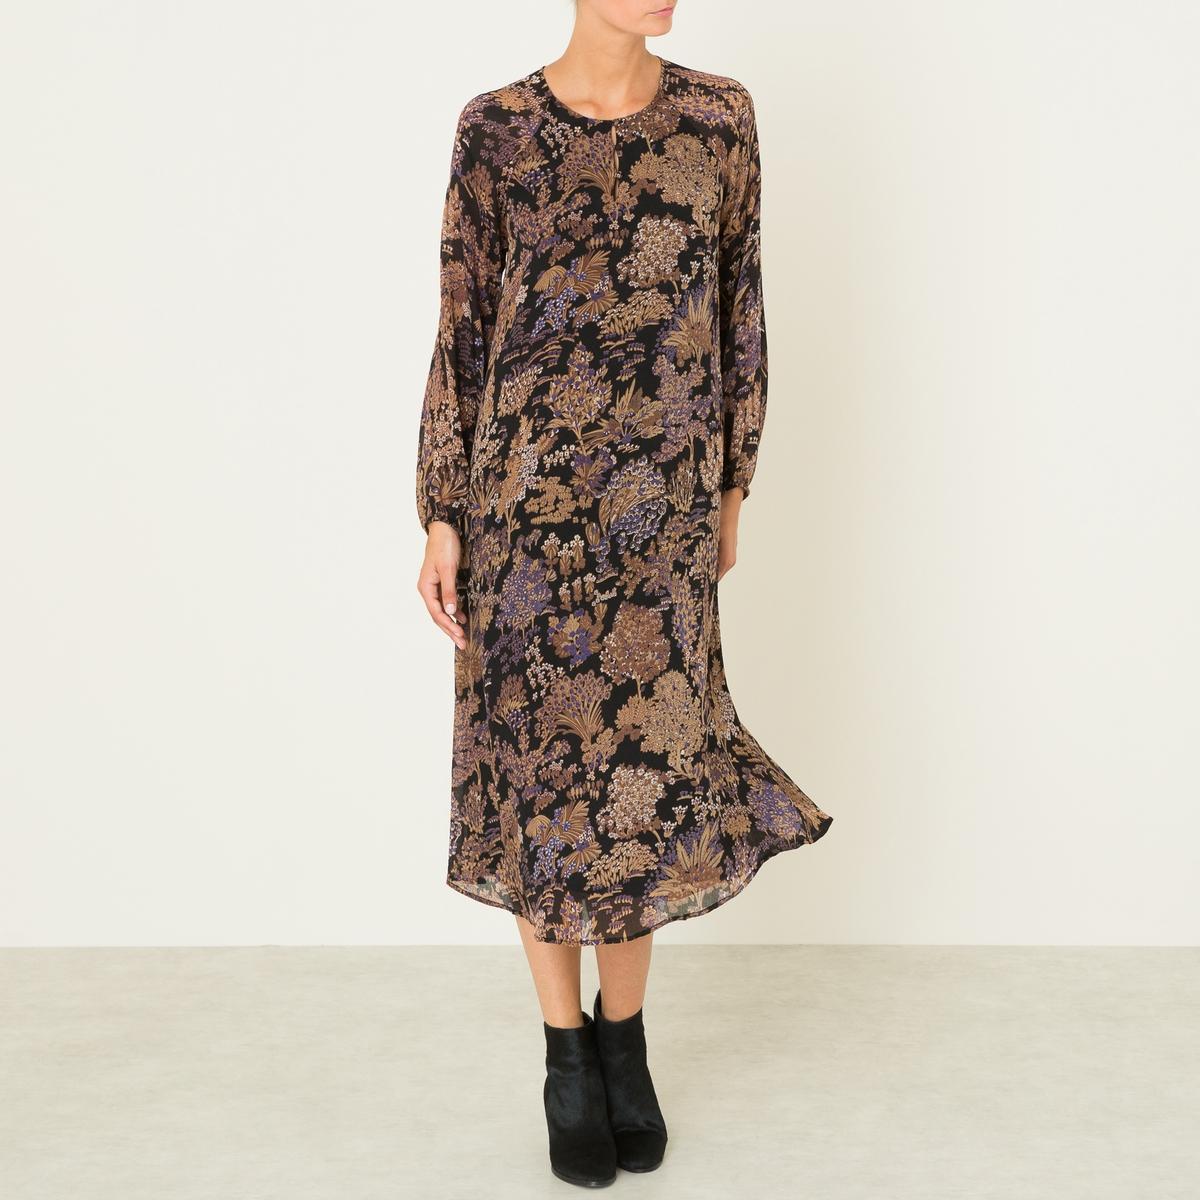 Платье длинное TORRE DRESSПлатье MES DEMOISELLES, модель TORRE DRESS. Длинный прямой покрой. V-образный вырез с пуговицами. Длинные свободные рукава, манжеты на резинке. Подкладка. Сплошной цветочный рисунок. Струящийся покрой.Состав и описание Материал : 100% шелк Длина : 122 см. (для размера 36) Марка : MES DEMOISELLES<br><br>Цвет: черный<br>Размер: 36 (FR) - 42 (RUS)